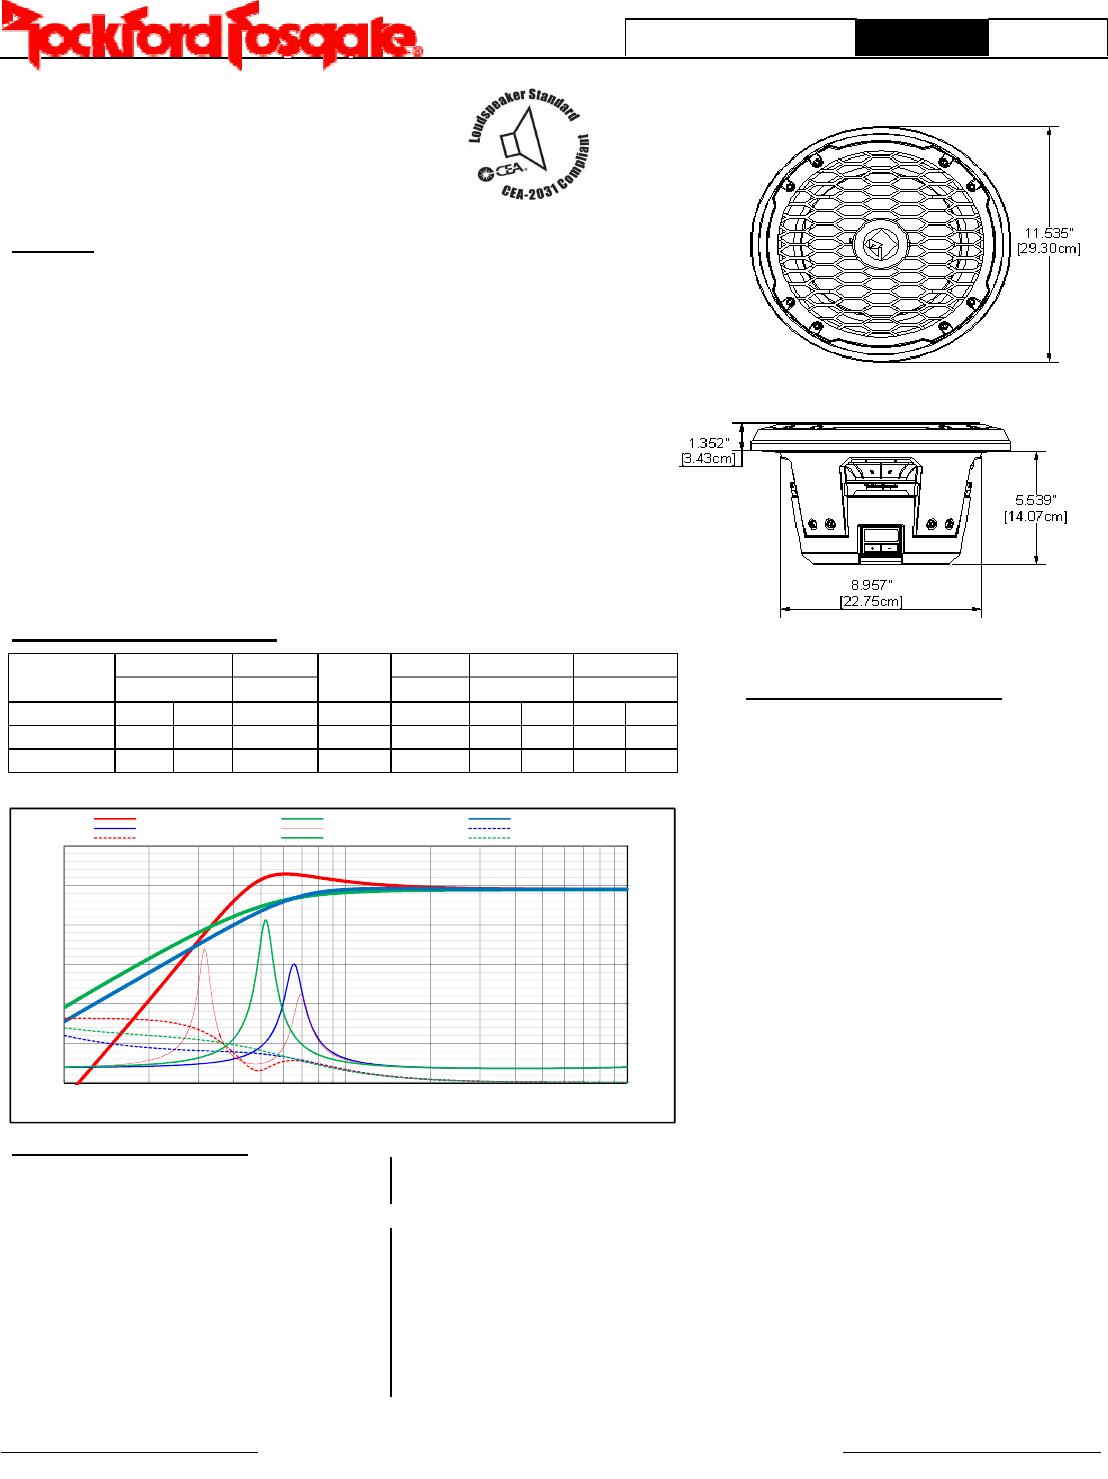 rockford fosgate speaker m210s4 user guide manualsonline